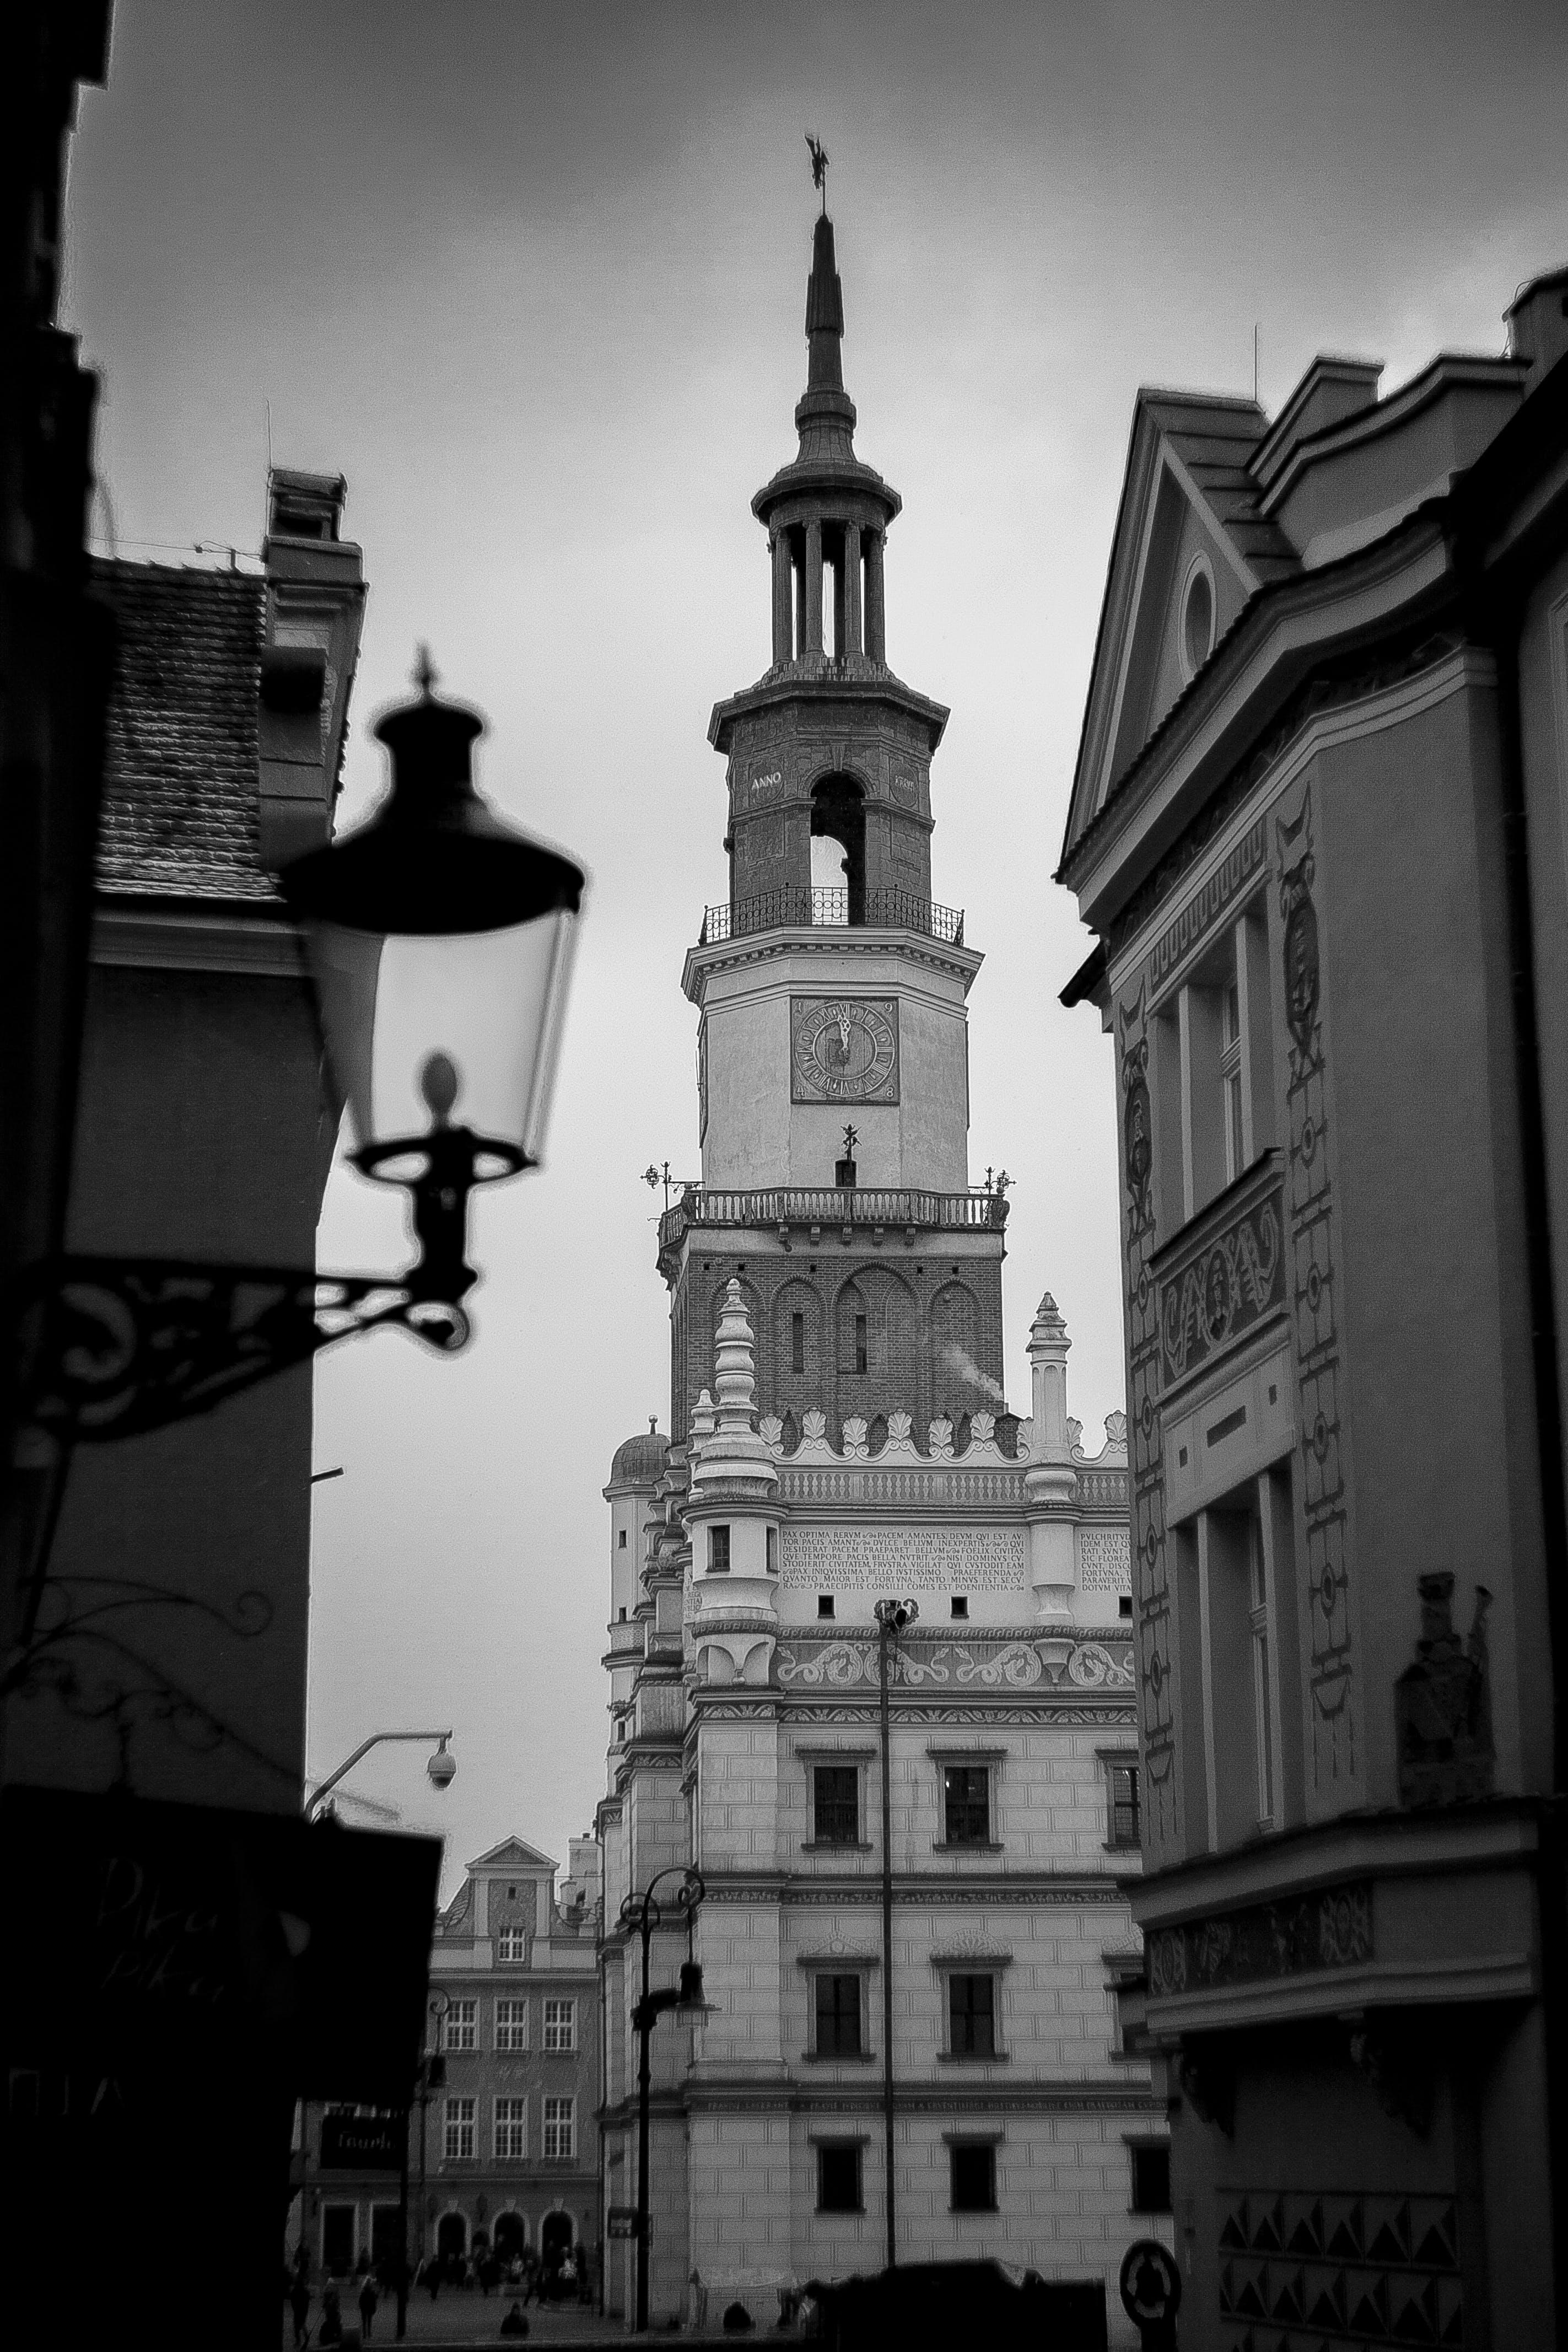 Fotos de stock gratuitas de antiguo, arquitectura, blanco y negro, edificios